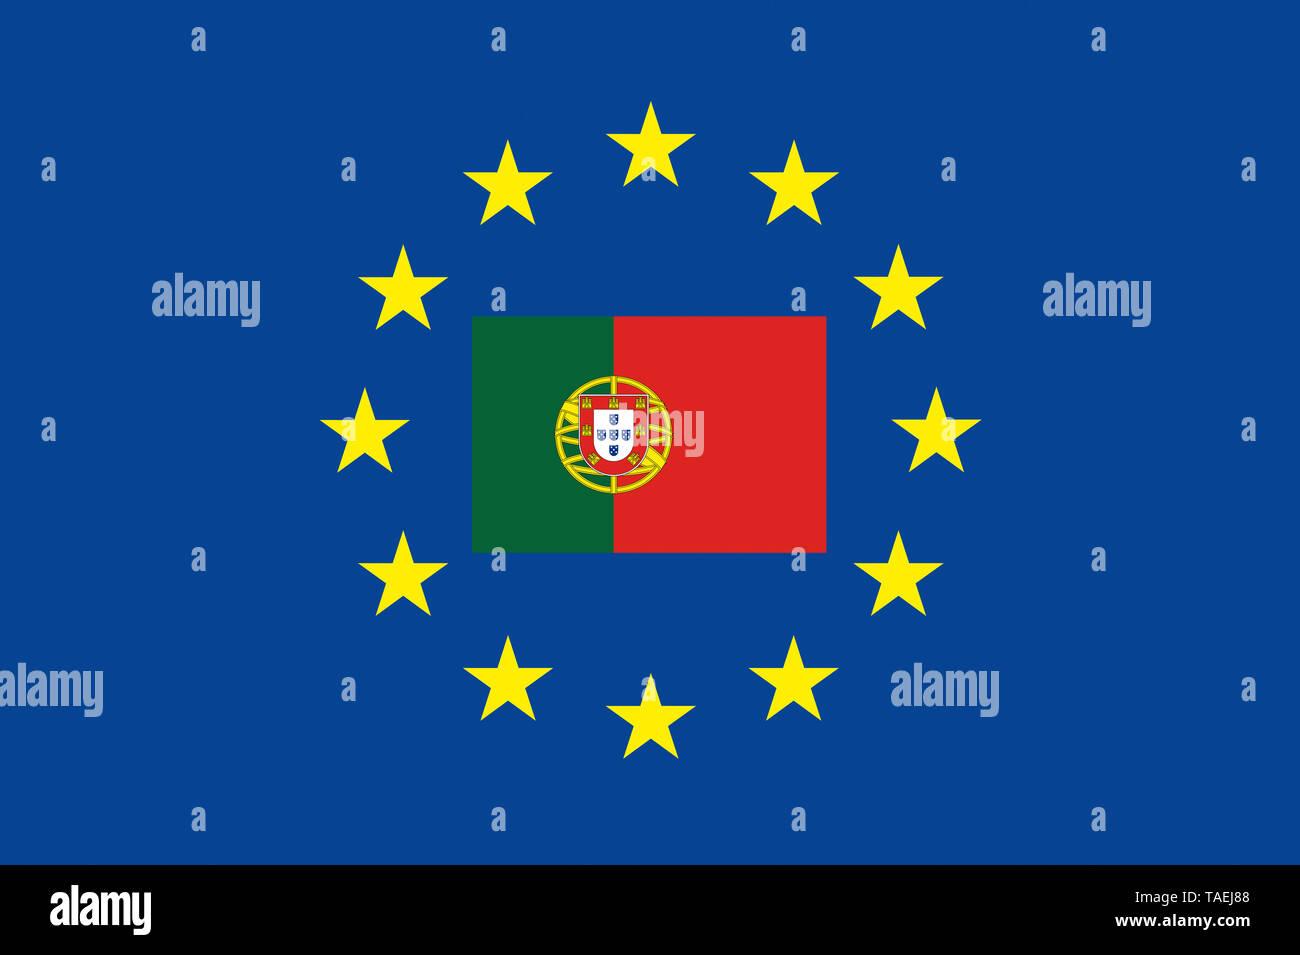 EU-Zeichen mit der Flagge von Portugal, die Sterne schützen symbolisch das Land Potugal, Symbolfoto für Europa - Stock Image